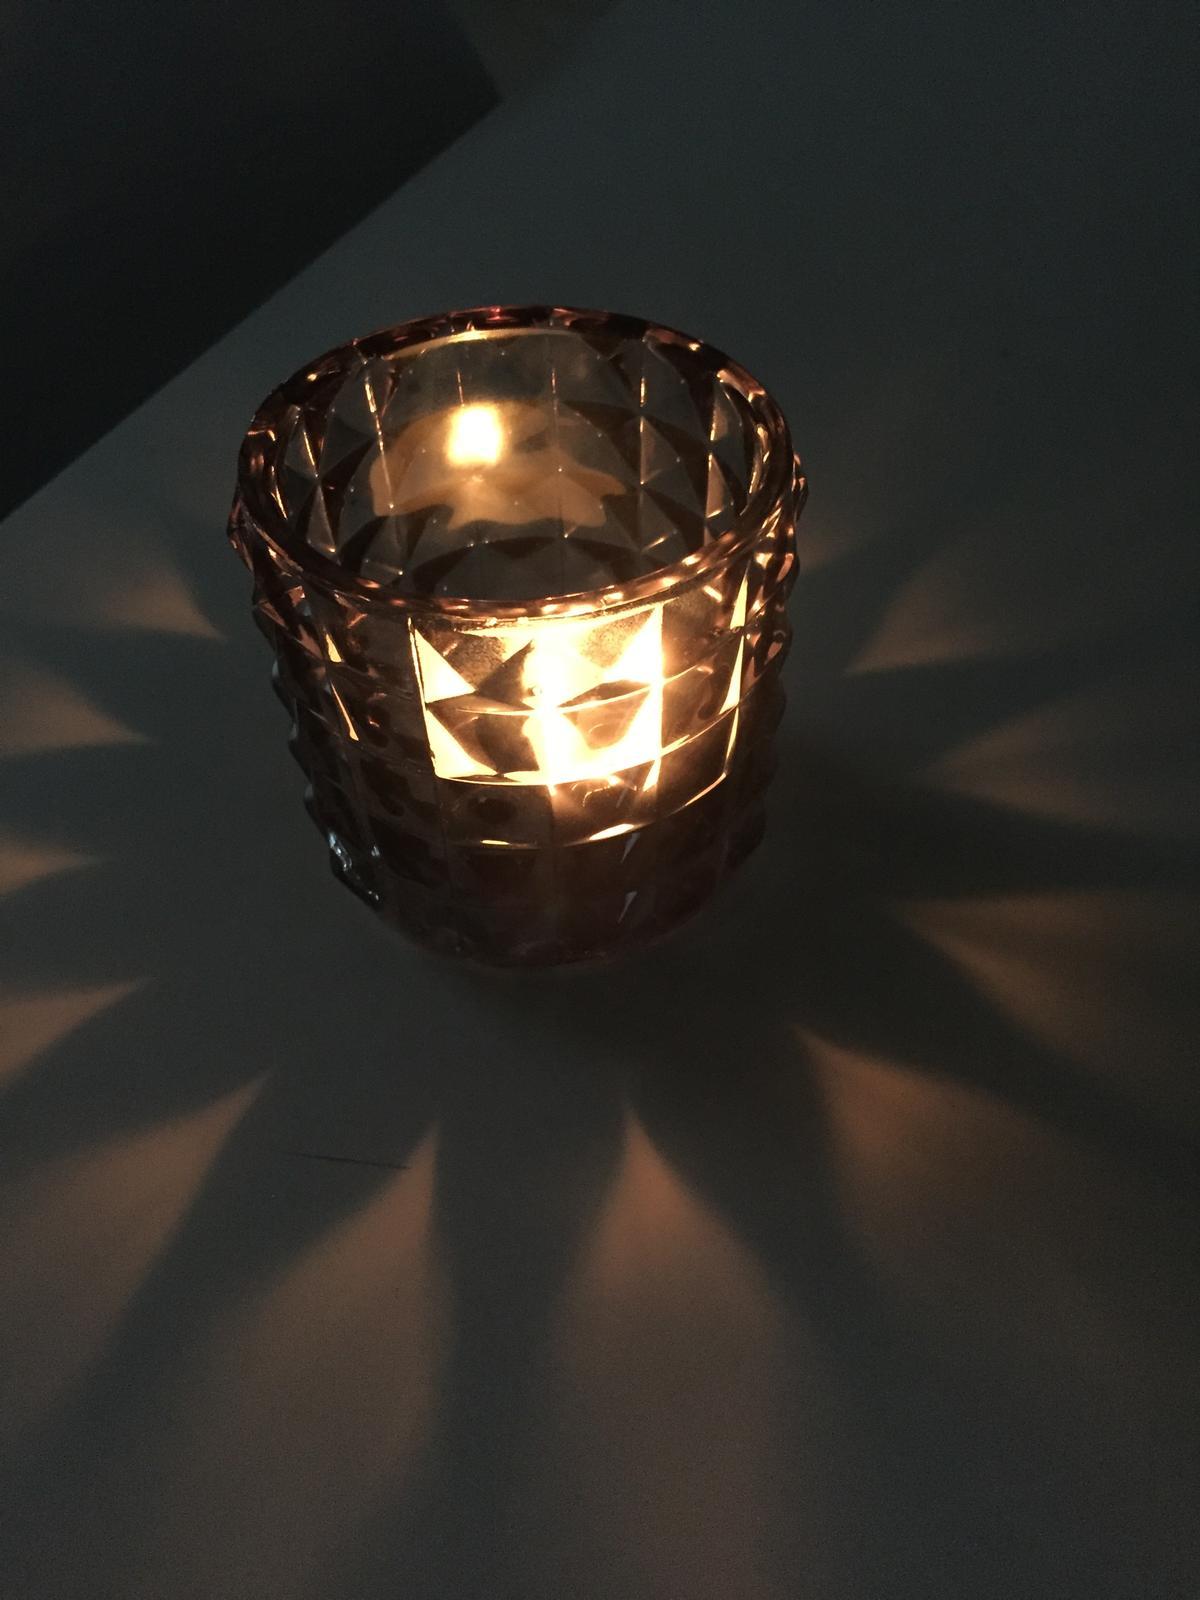 Svietniky na čajové sviečky - Obrázok č. 1